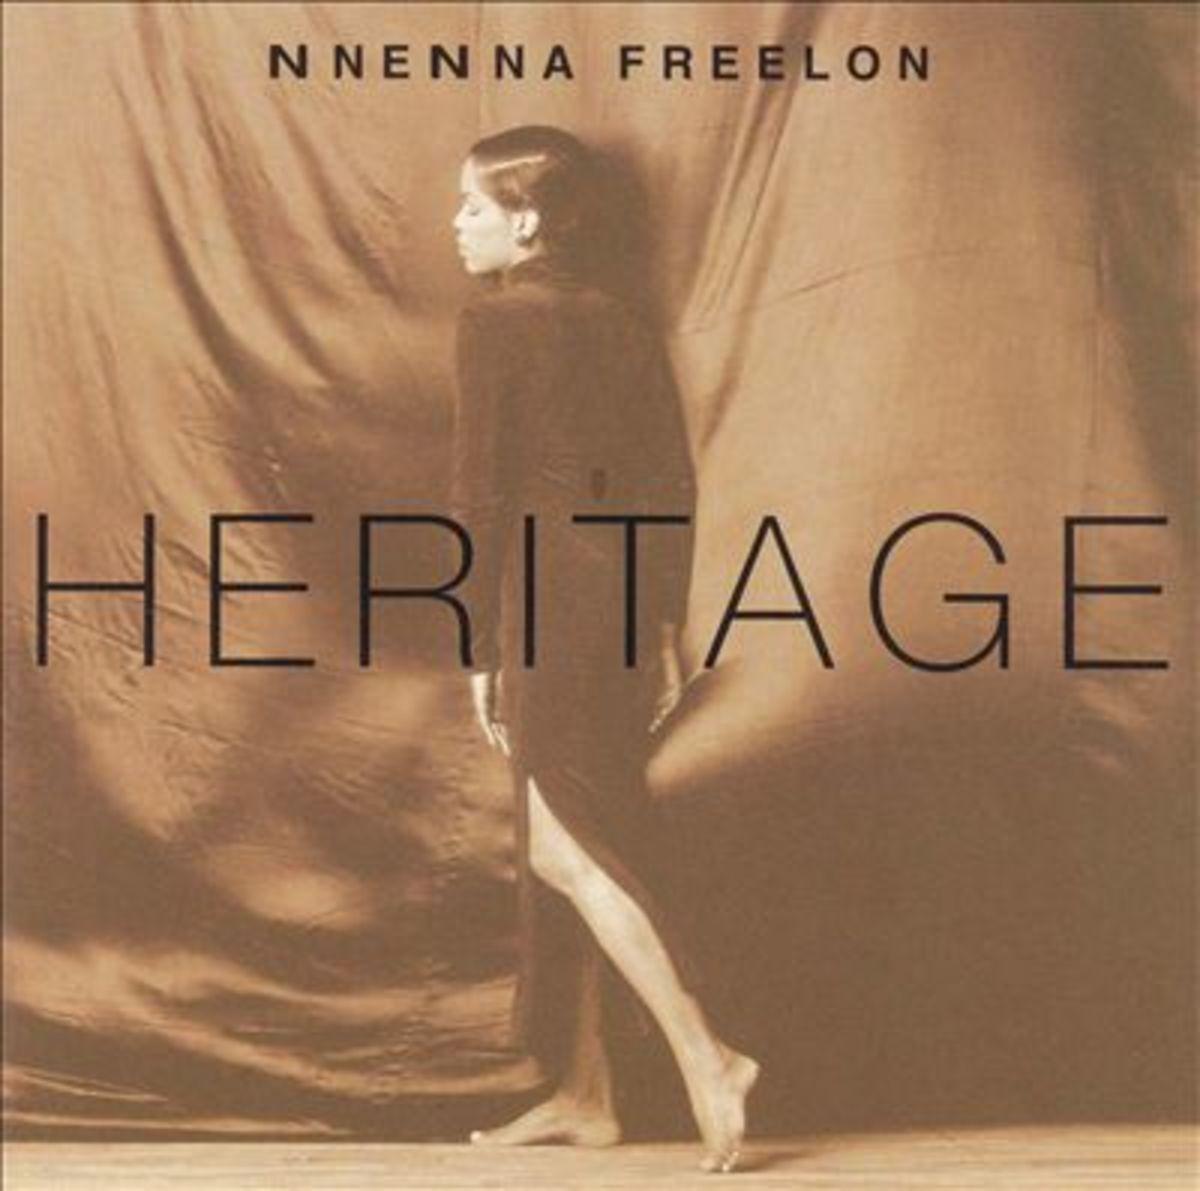 Nnenna Freelon features in Season 3